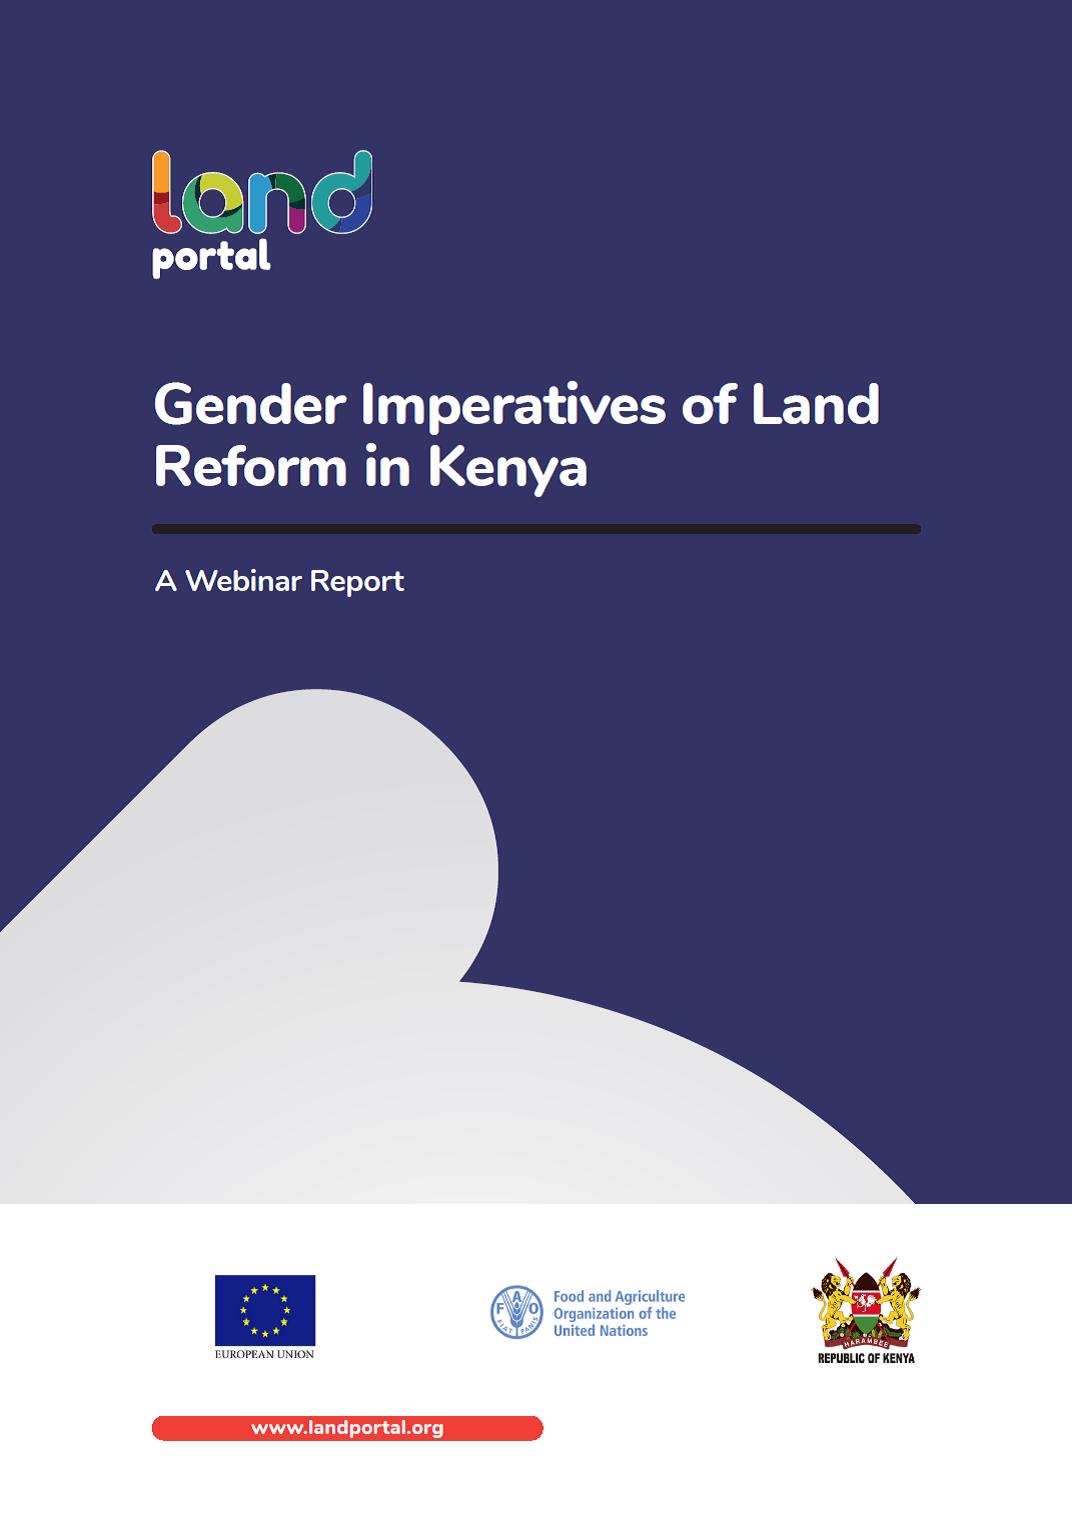 Gender Imperatives of Land Reform in Kenya